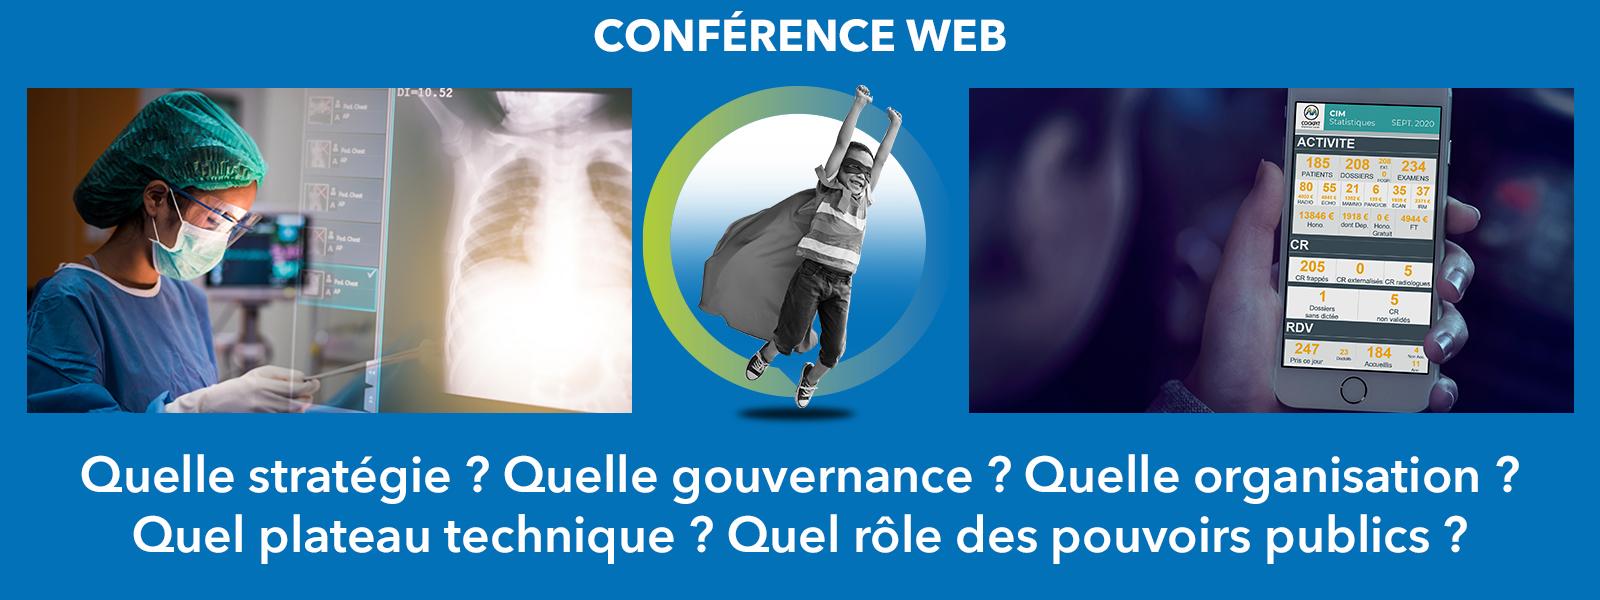 Conférence Web